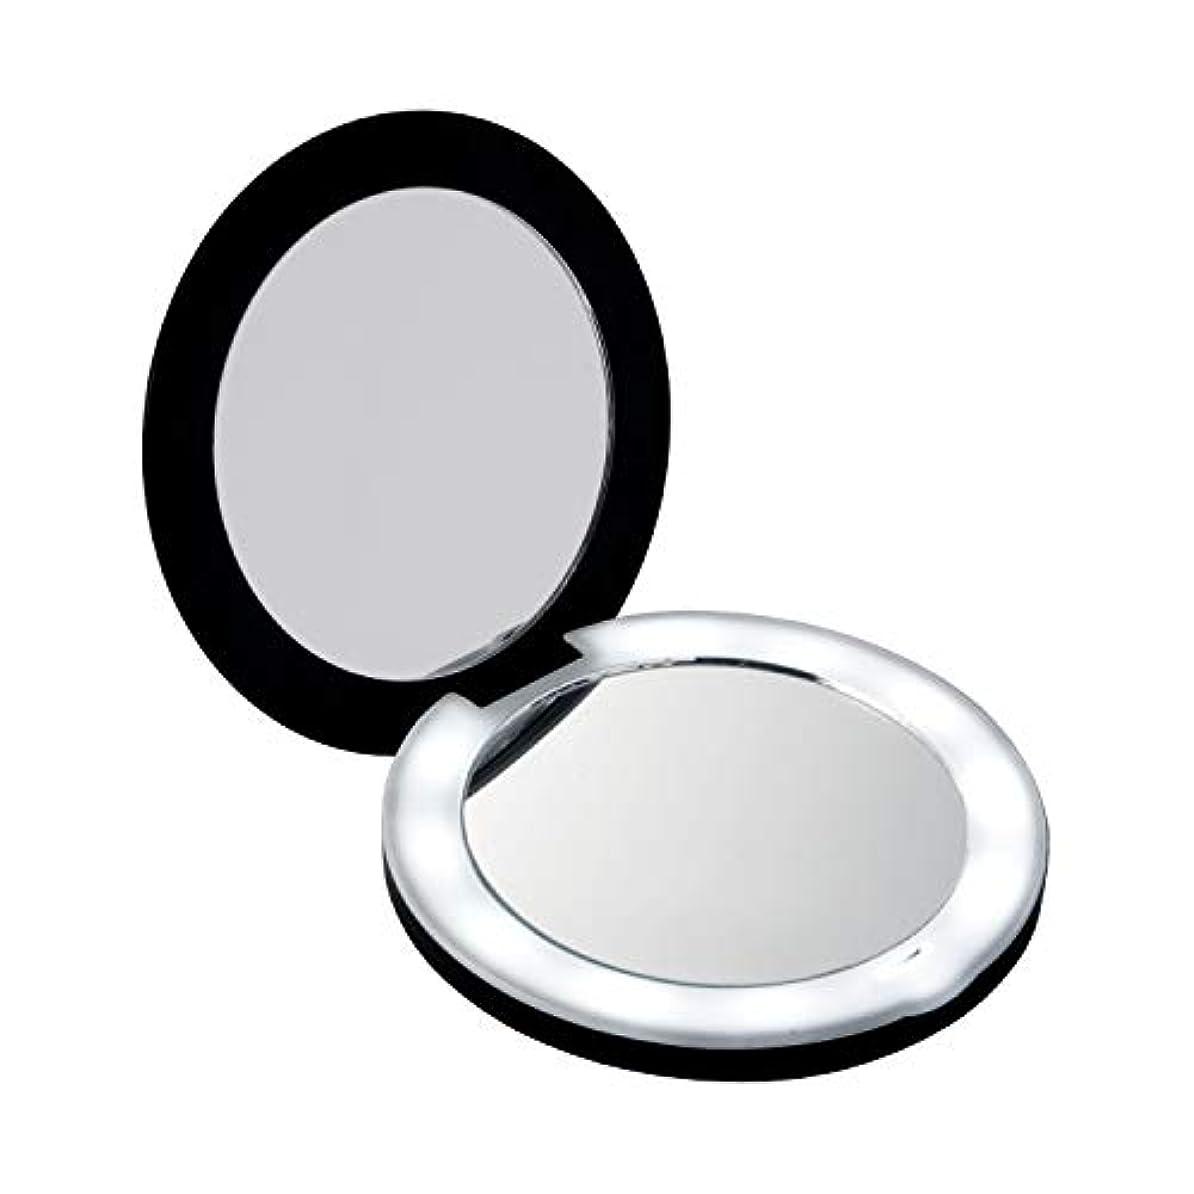 陽気な委任かろうじてコモライフ 10倍拡大鏡コンパクト2面ミラー(ライト付) 約直径9×厚み1.5cm